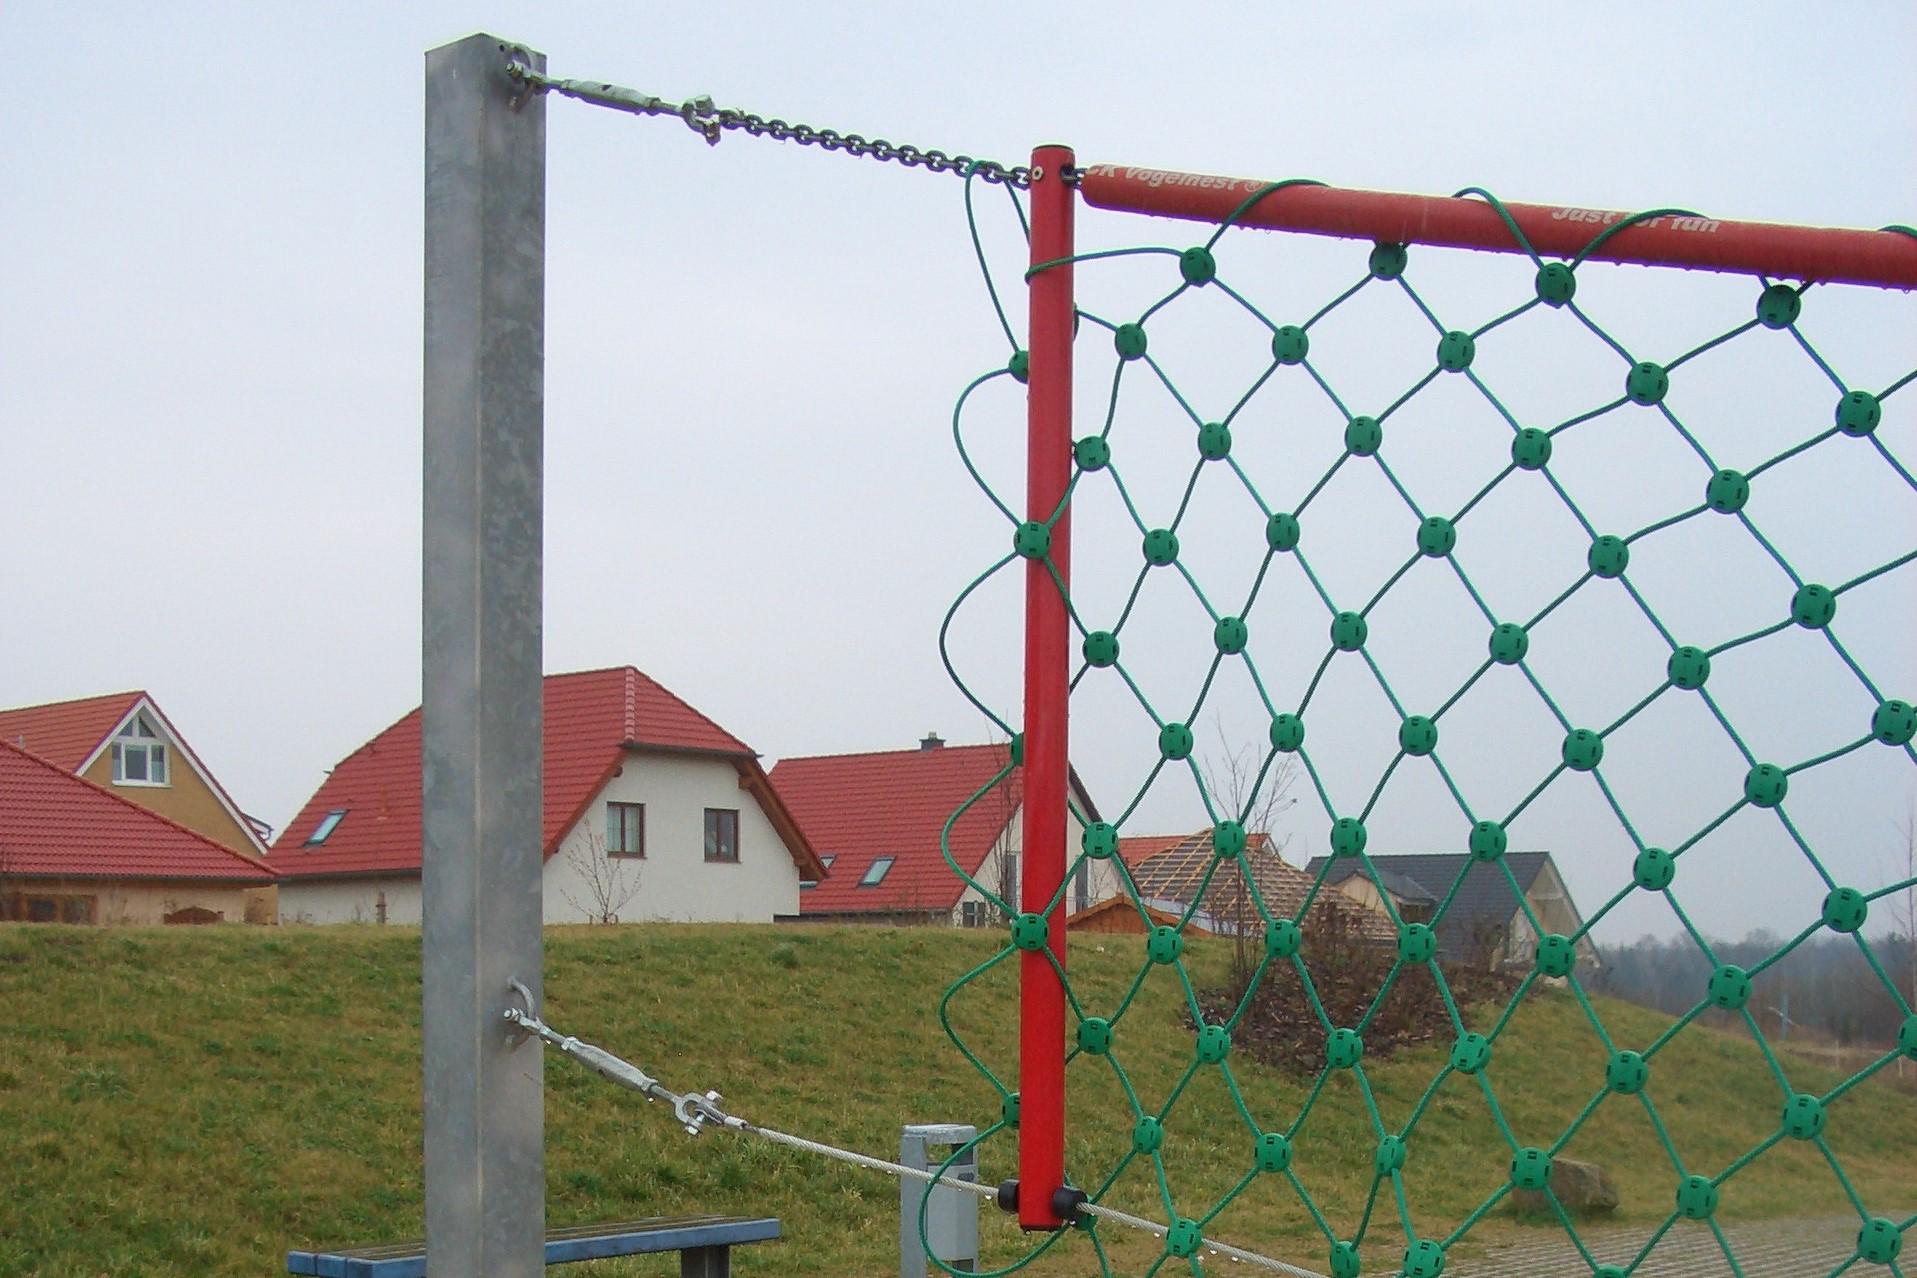 Volleyballpfosten mit Herkulesnetz